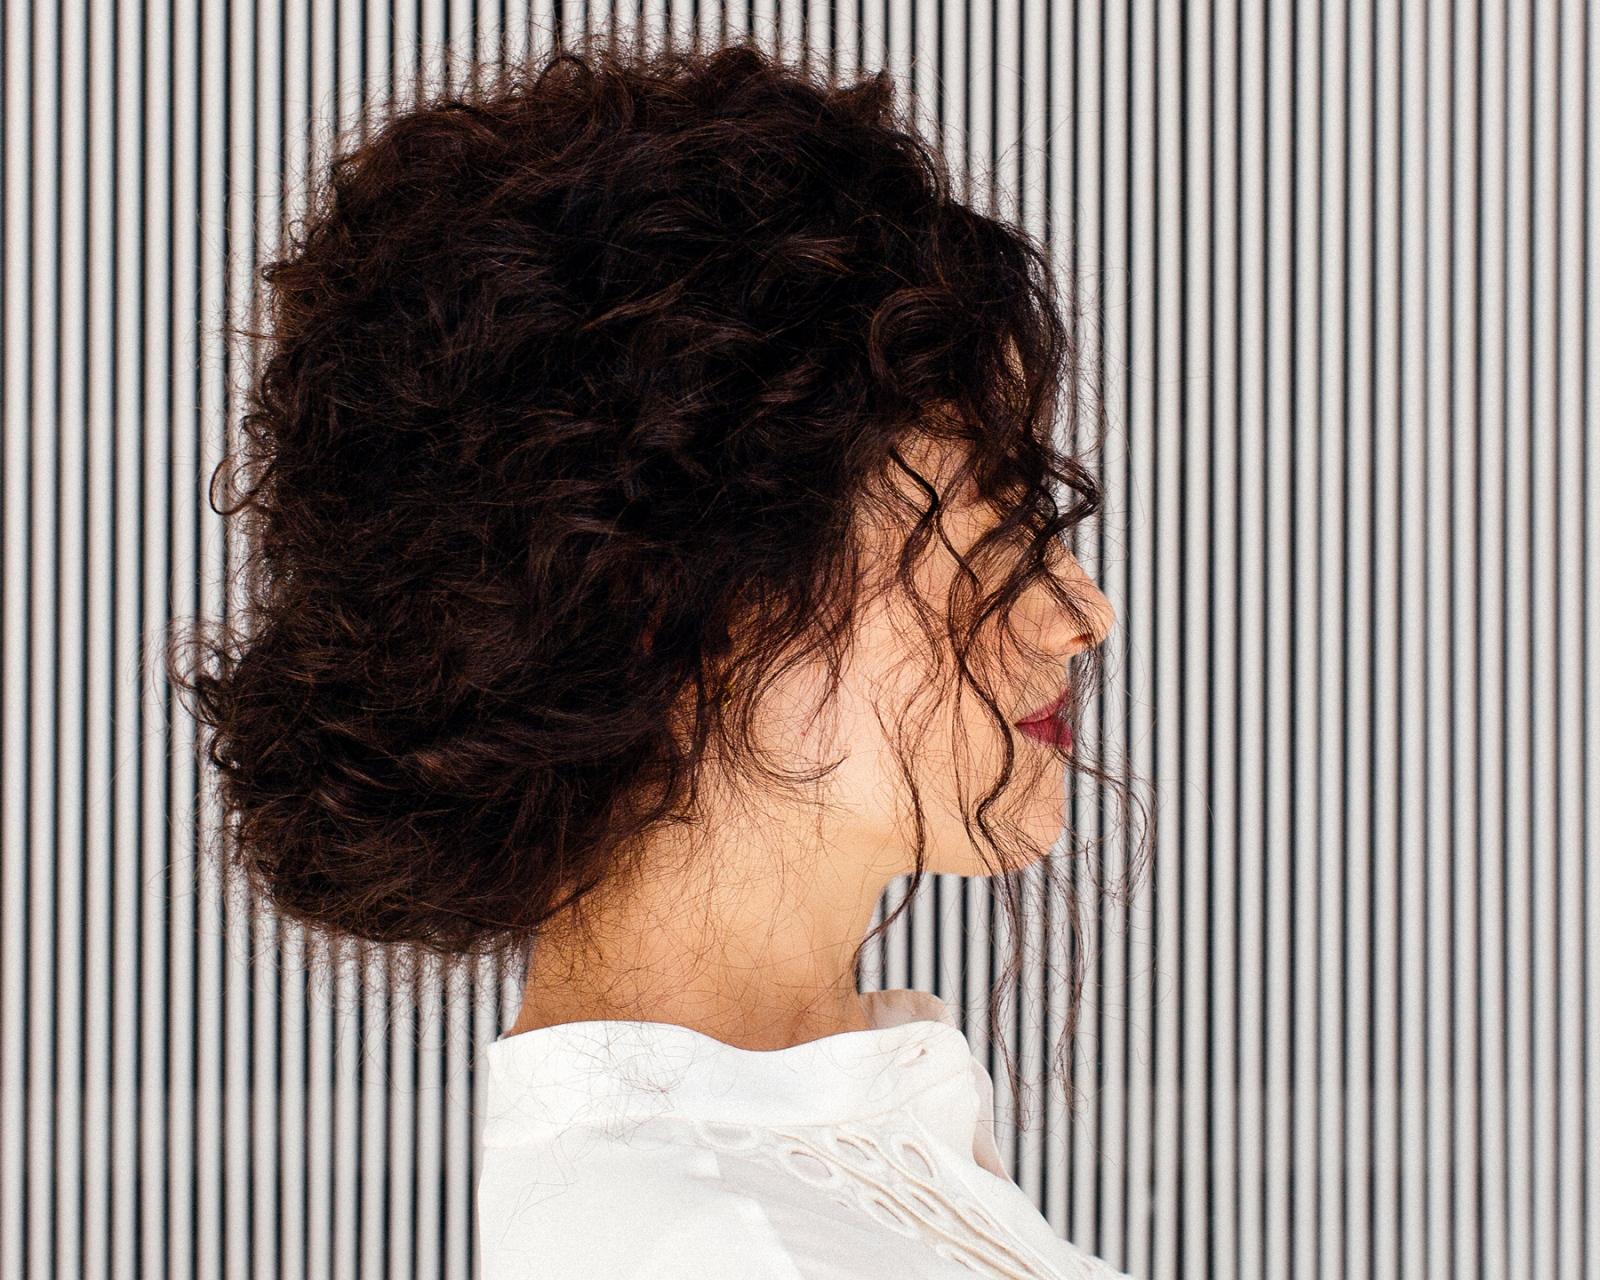 Photography image - Loading 236.NYT-Oxman-227.jpg